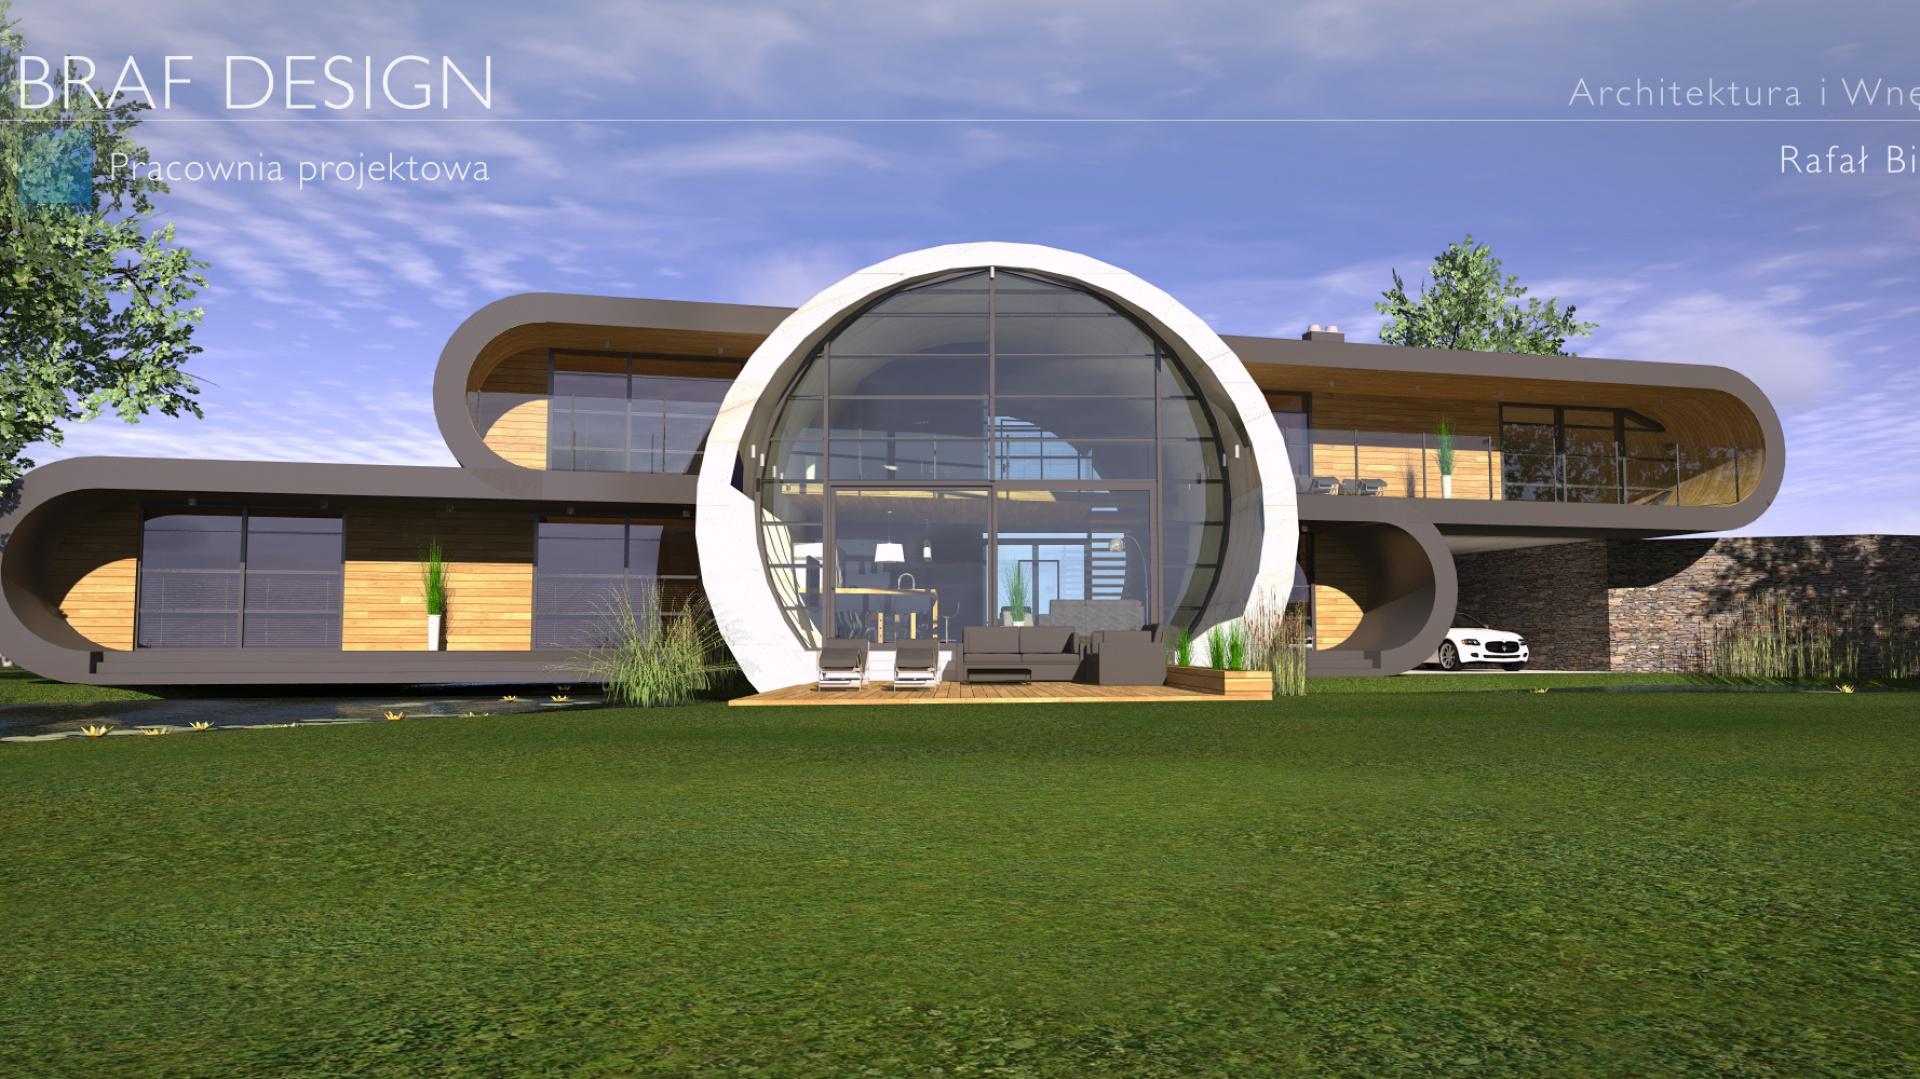 Projekt koncepcyjny ultranowoczesnego domu nad jeziorem. Fot. Braf Design